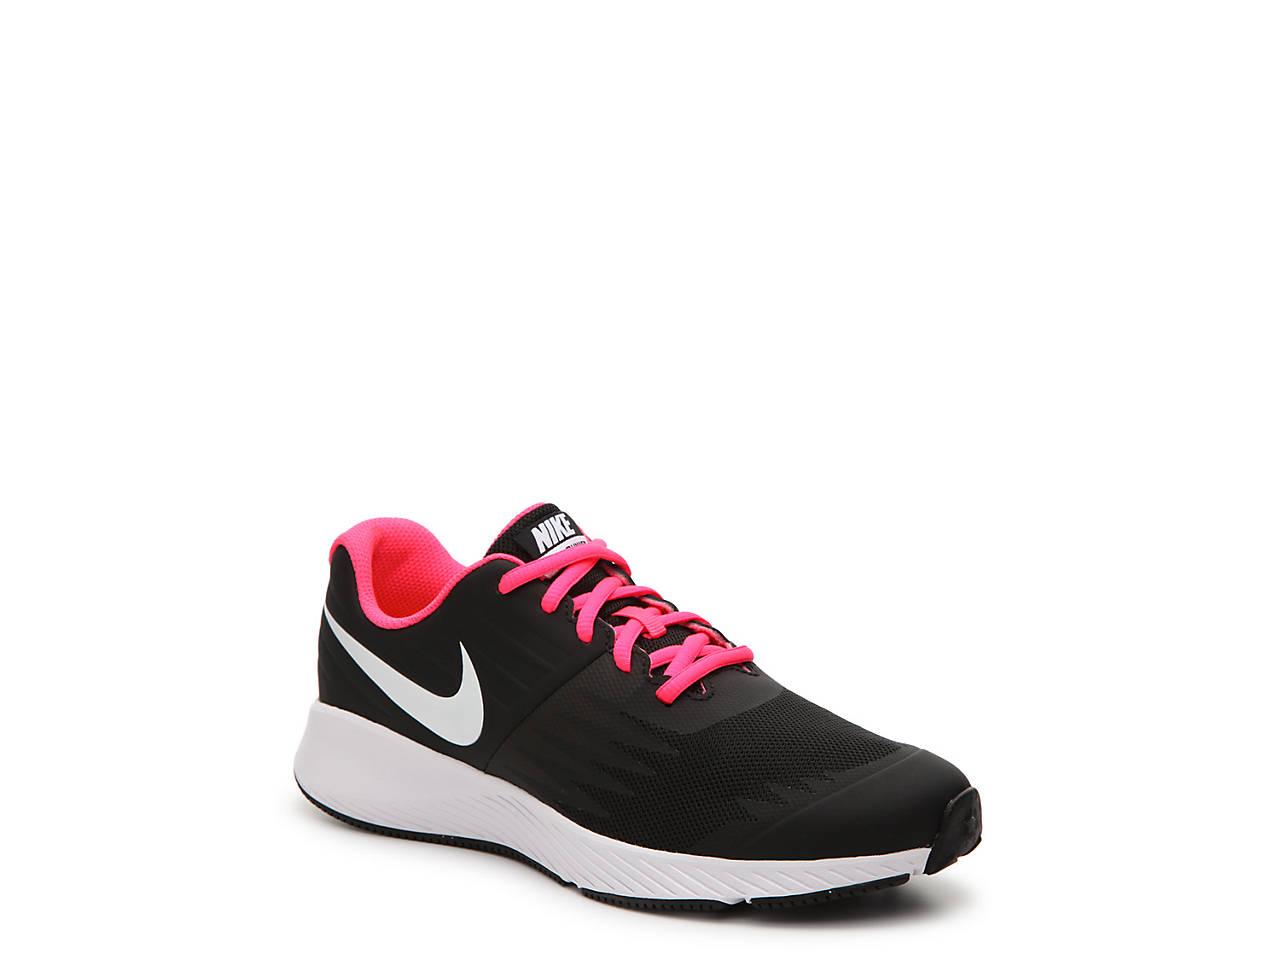 c1e306def2e473 Nike Star Runner Youth Sneaker Kids Shoes